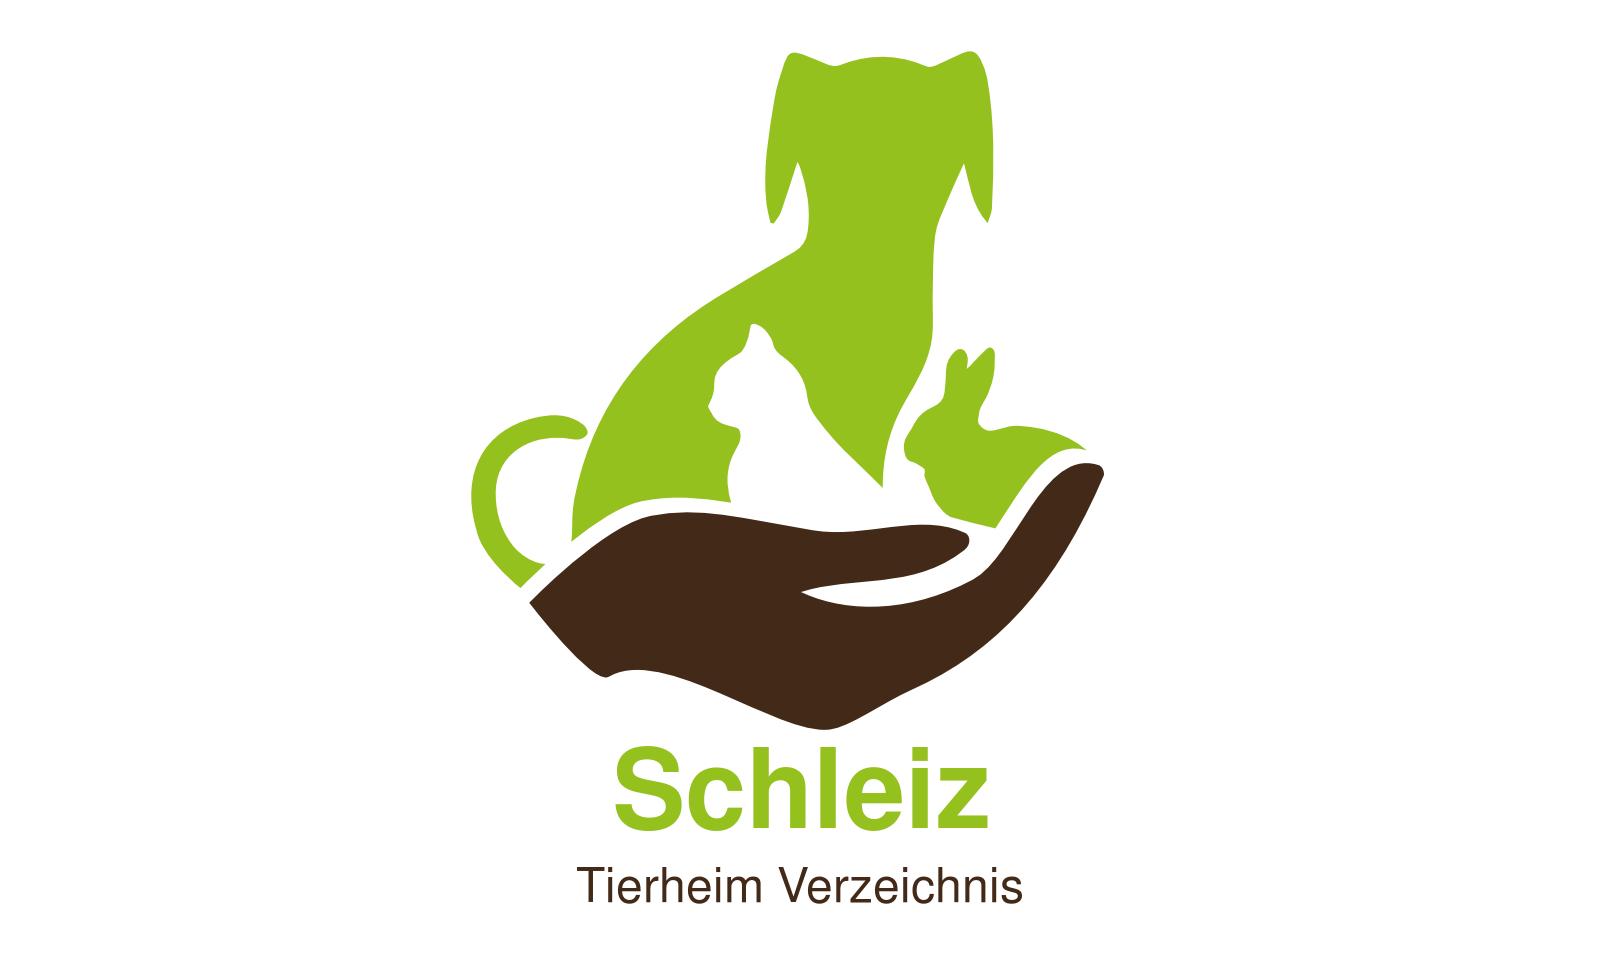 Tierheim Schleiz